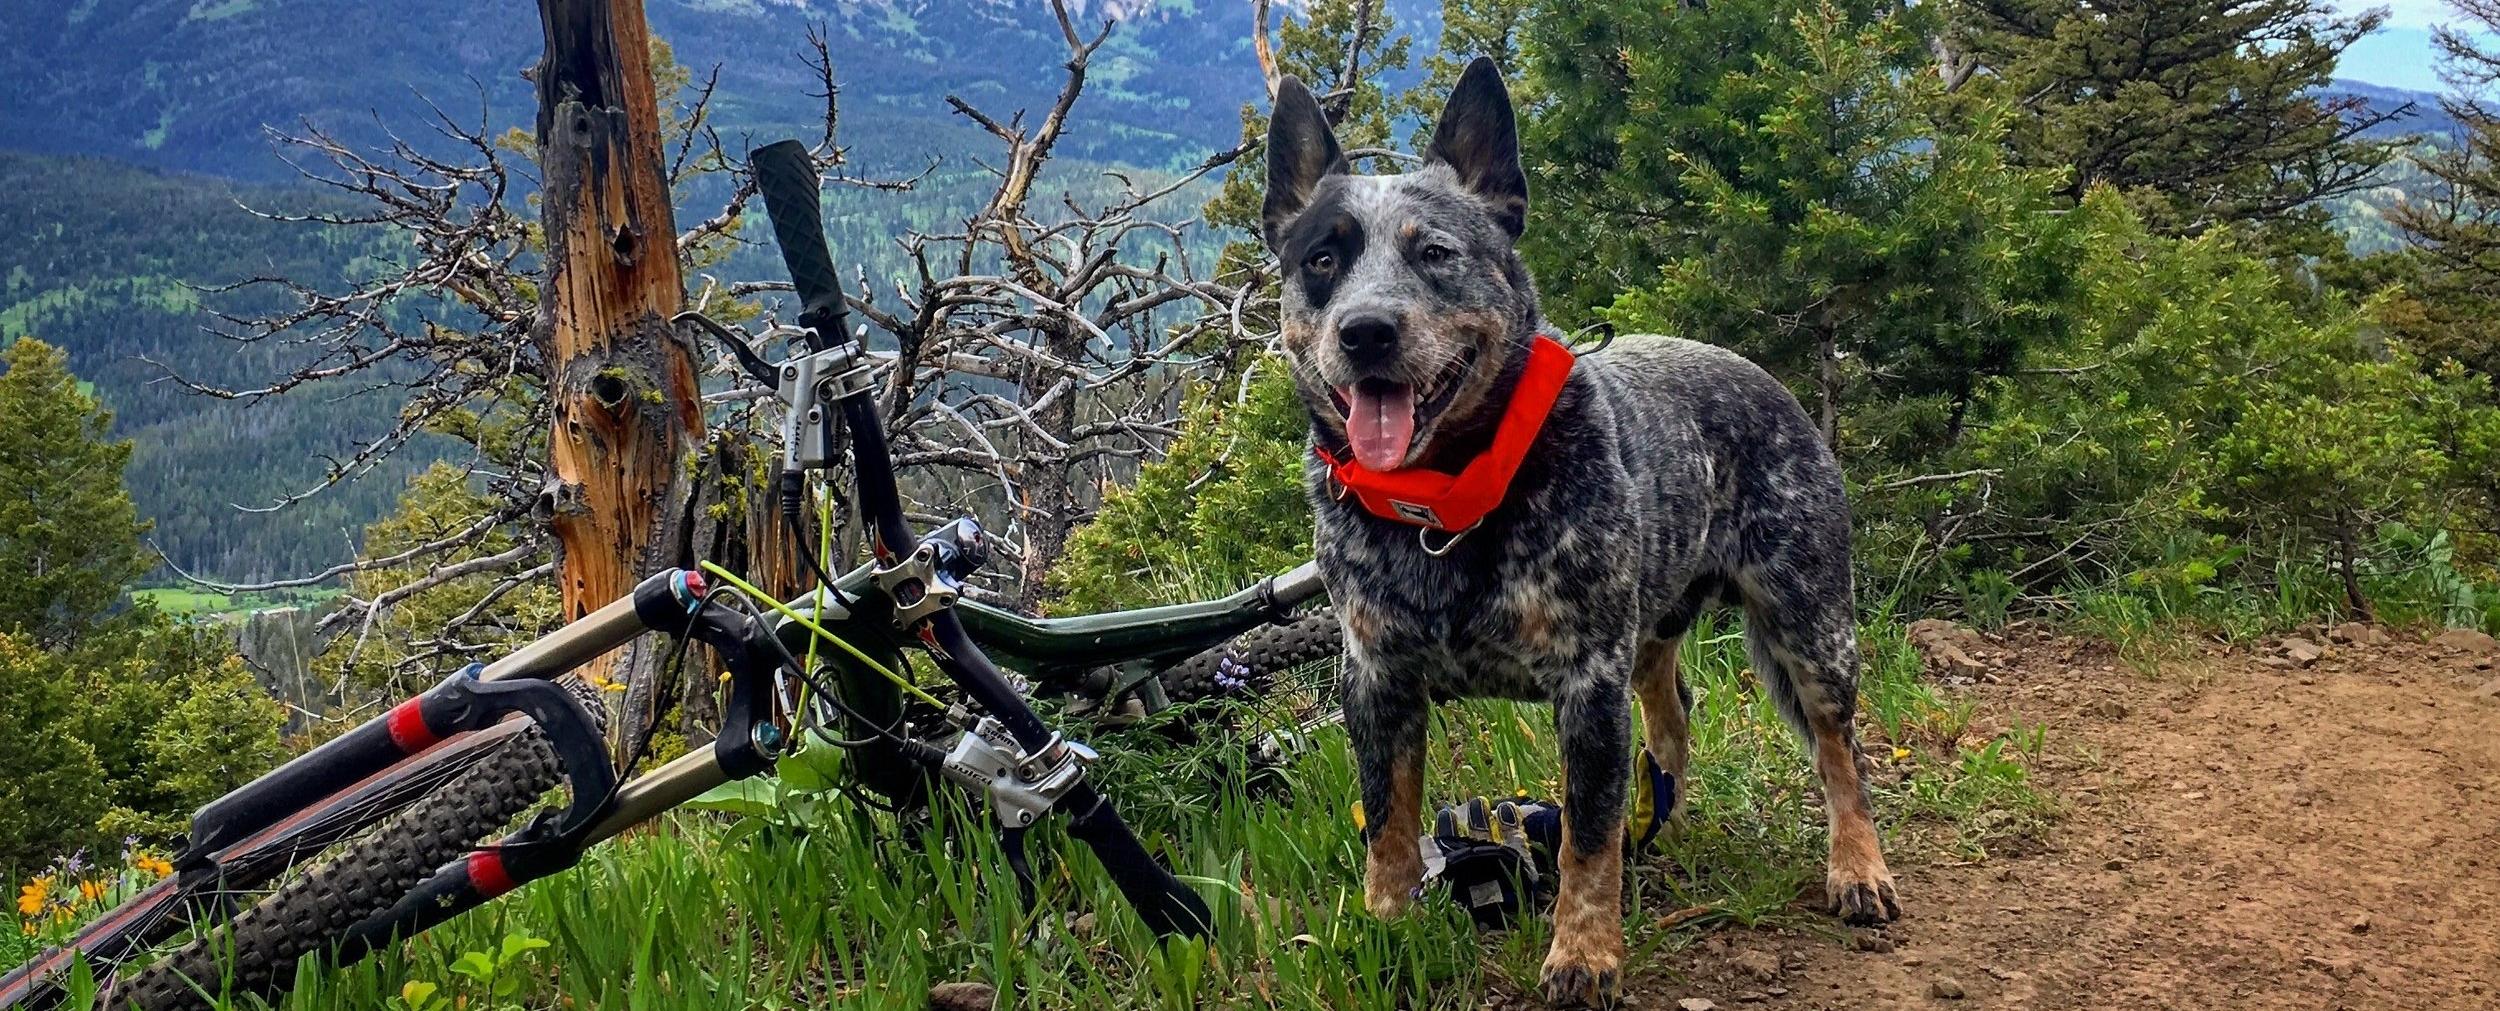 Rad Dog Bike.jpg